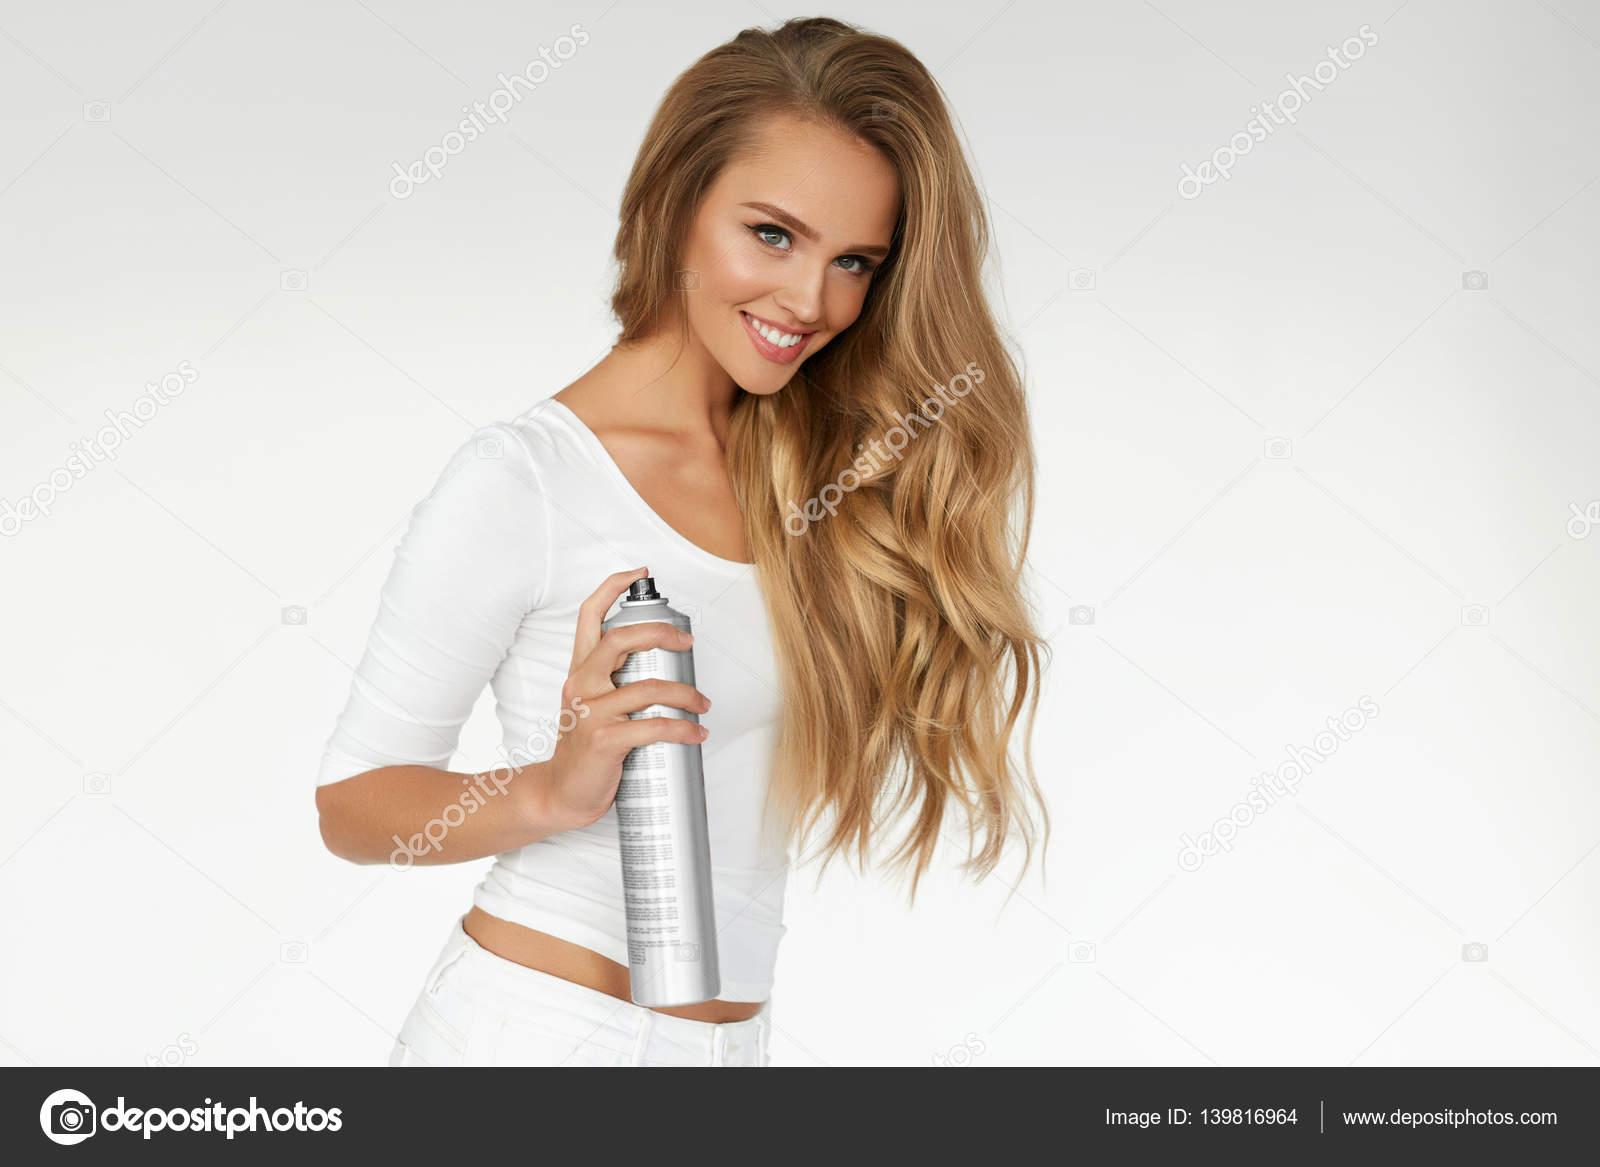 Download deze Insectenafweermiddel Vrouw Spuiten Insectenwerend Middel Geïsoleerd Op Witte Achtergrond foto nu.